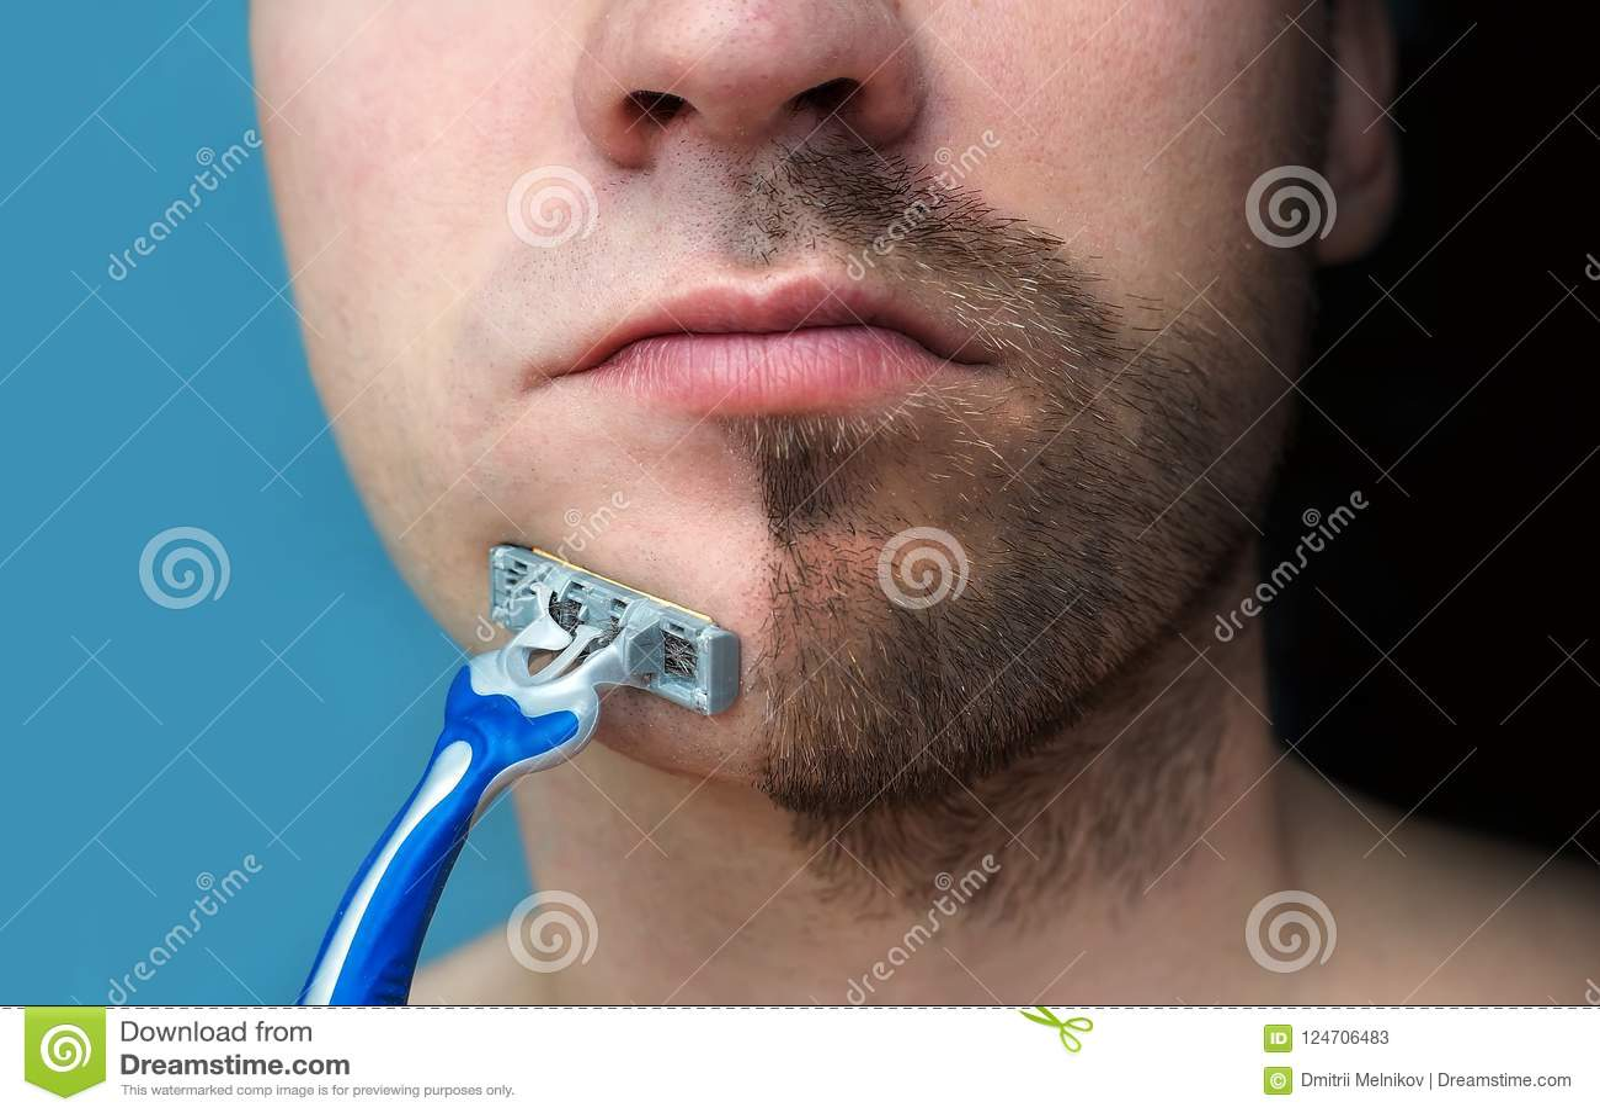 Een mens scheert zijn gezicht zonder pijn ervaren en room of schuim die, die lijden Half geschoren gezicht half overwoekerd met e